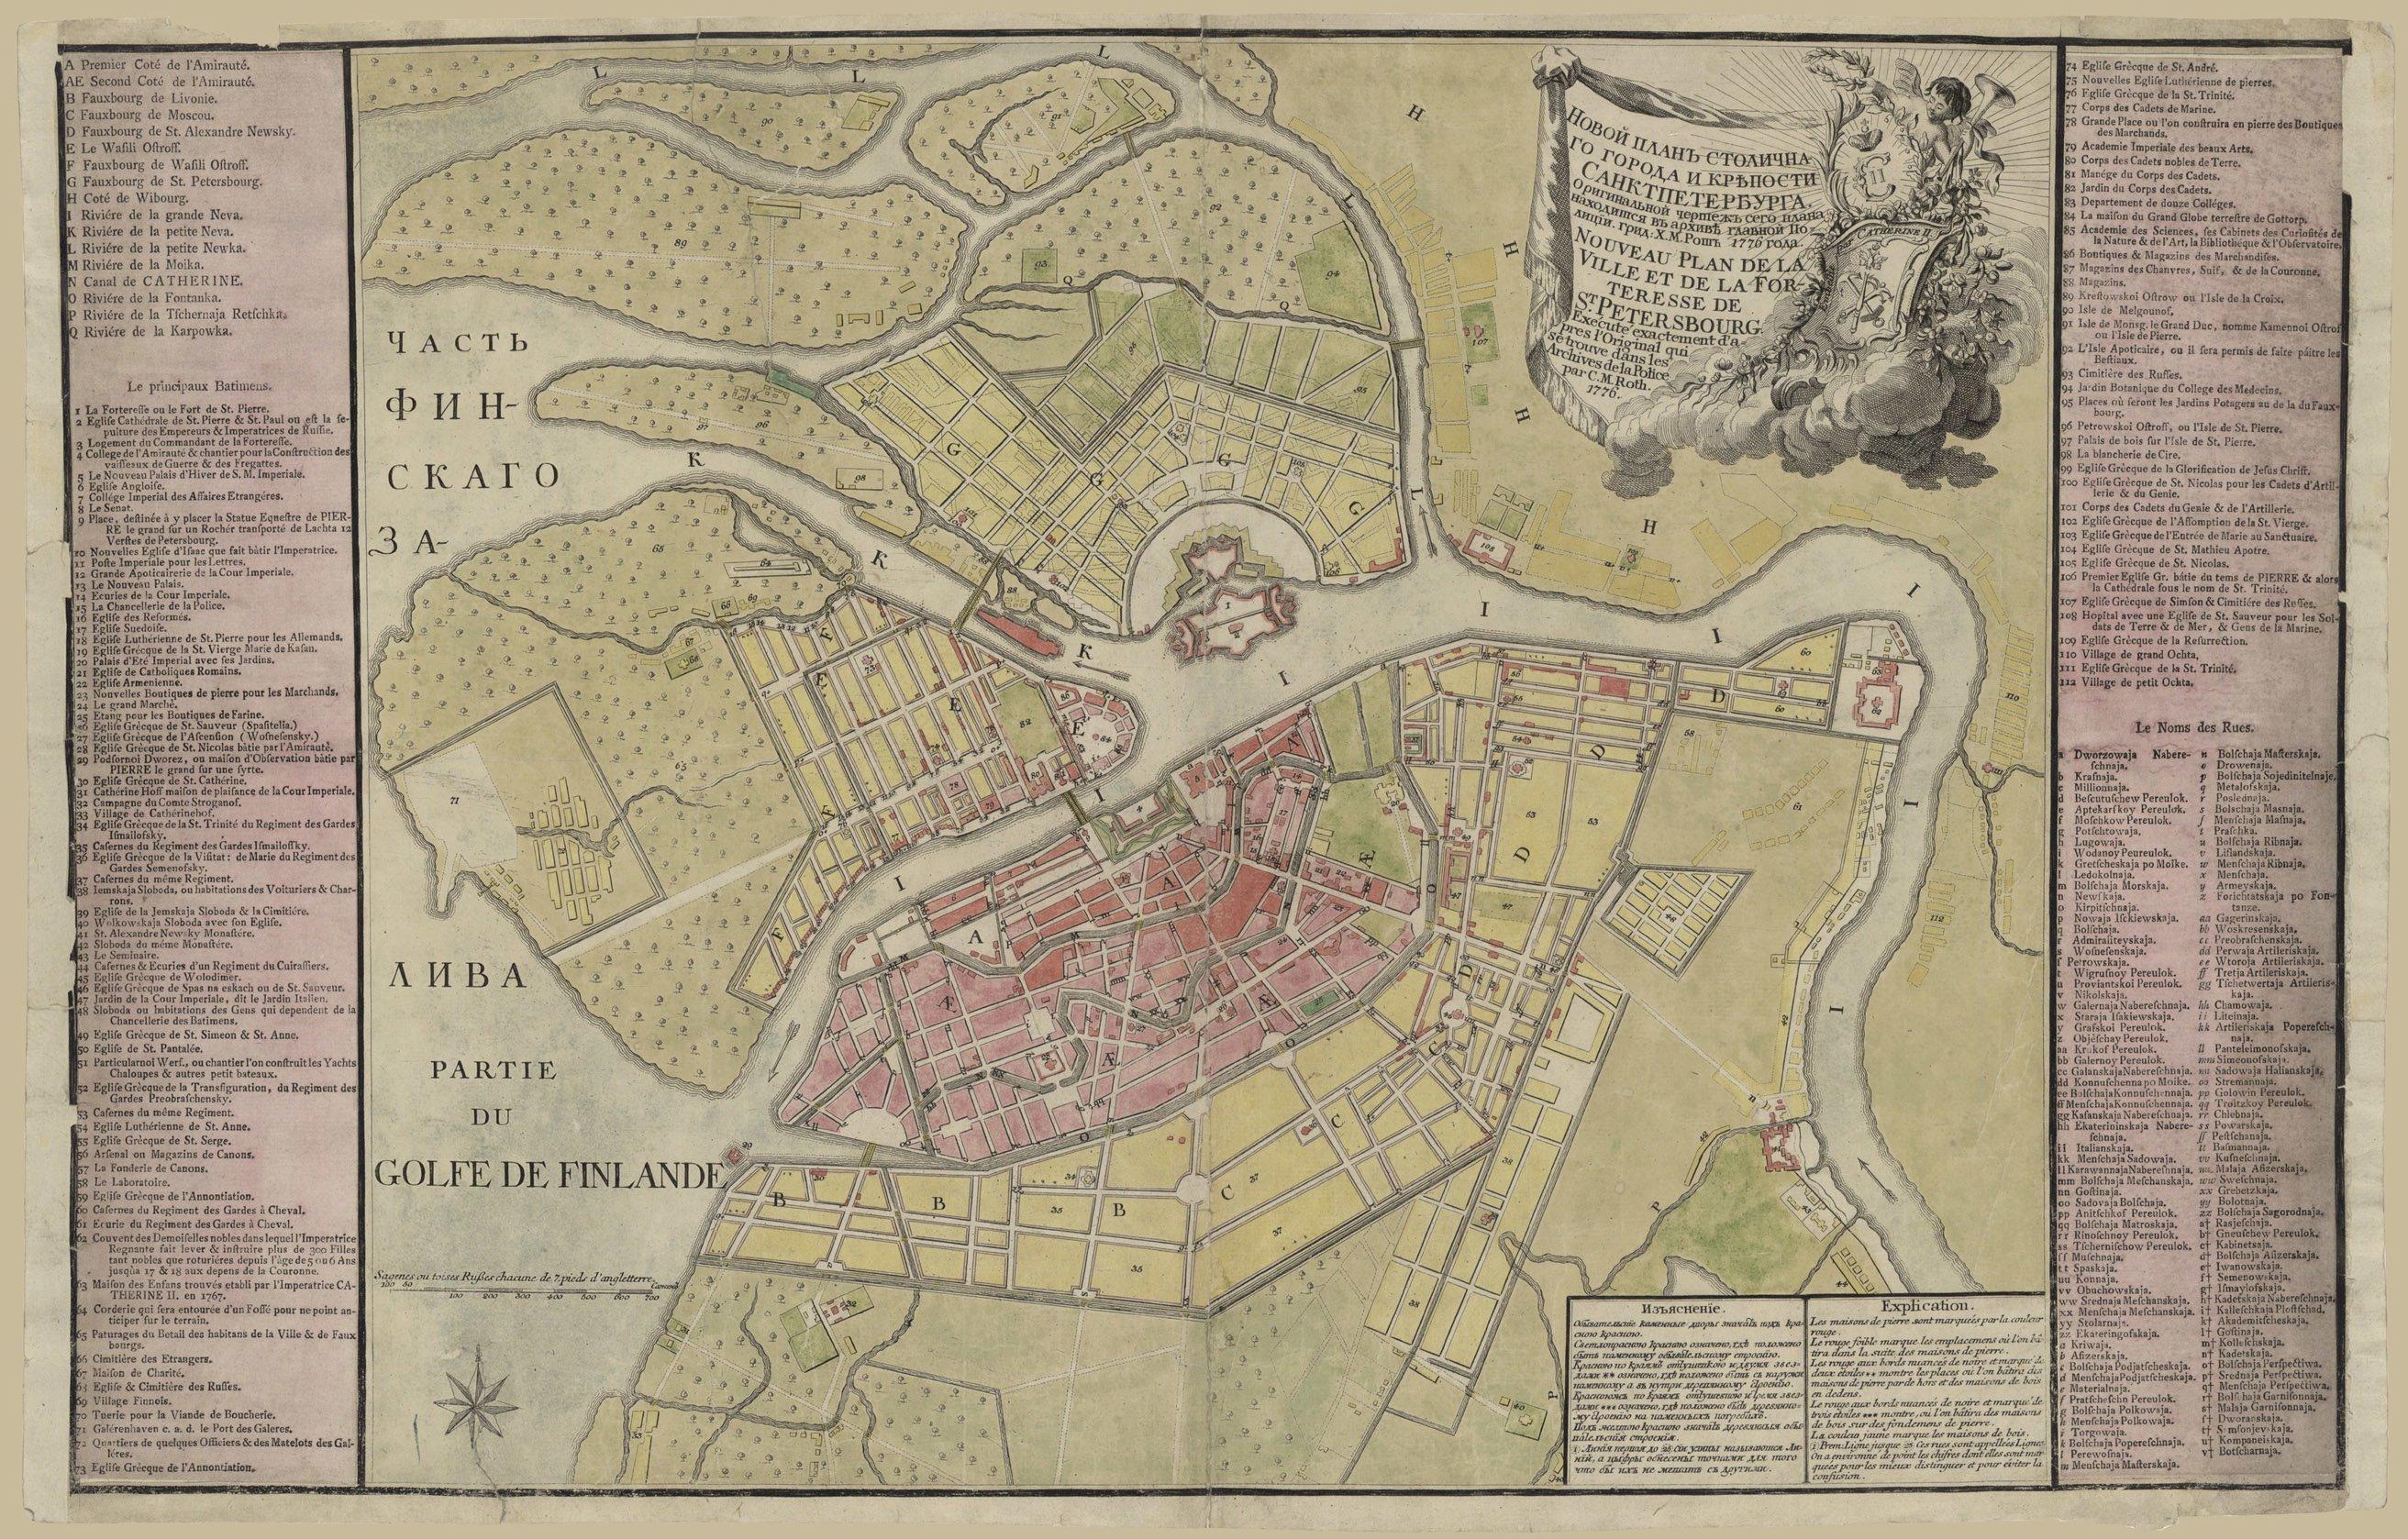 1776 год СПб, древние карты, карты, карты Питера, редкие карты, санкт-петербург